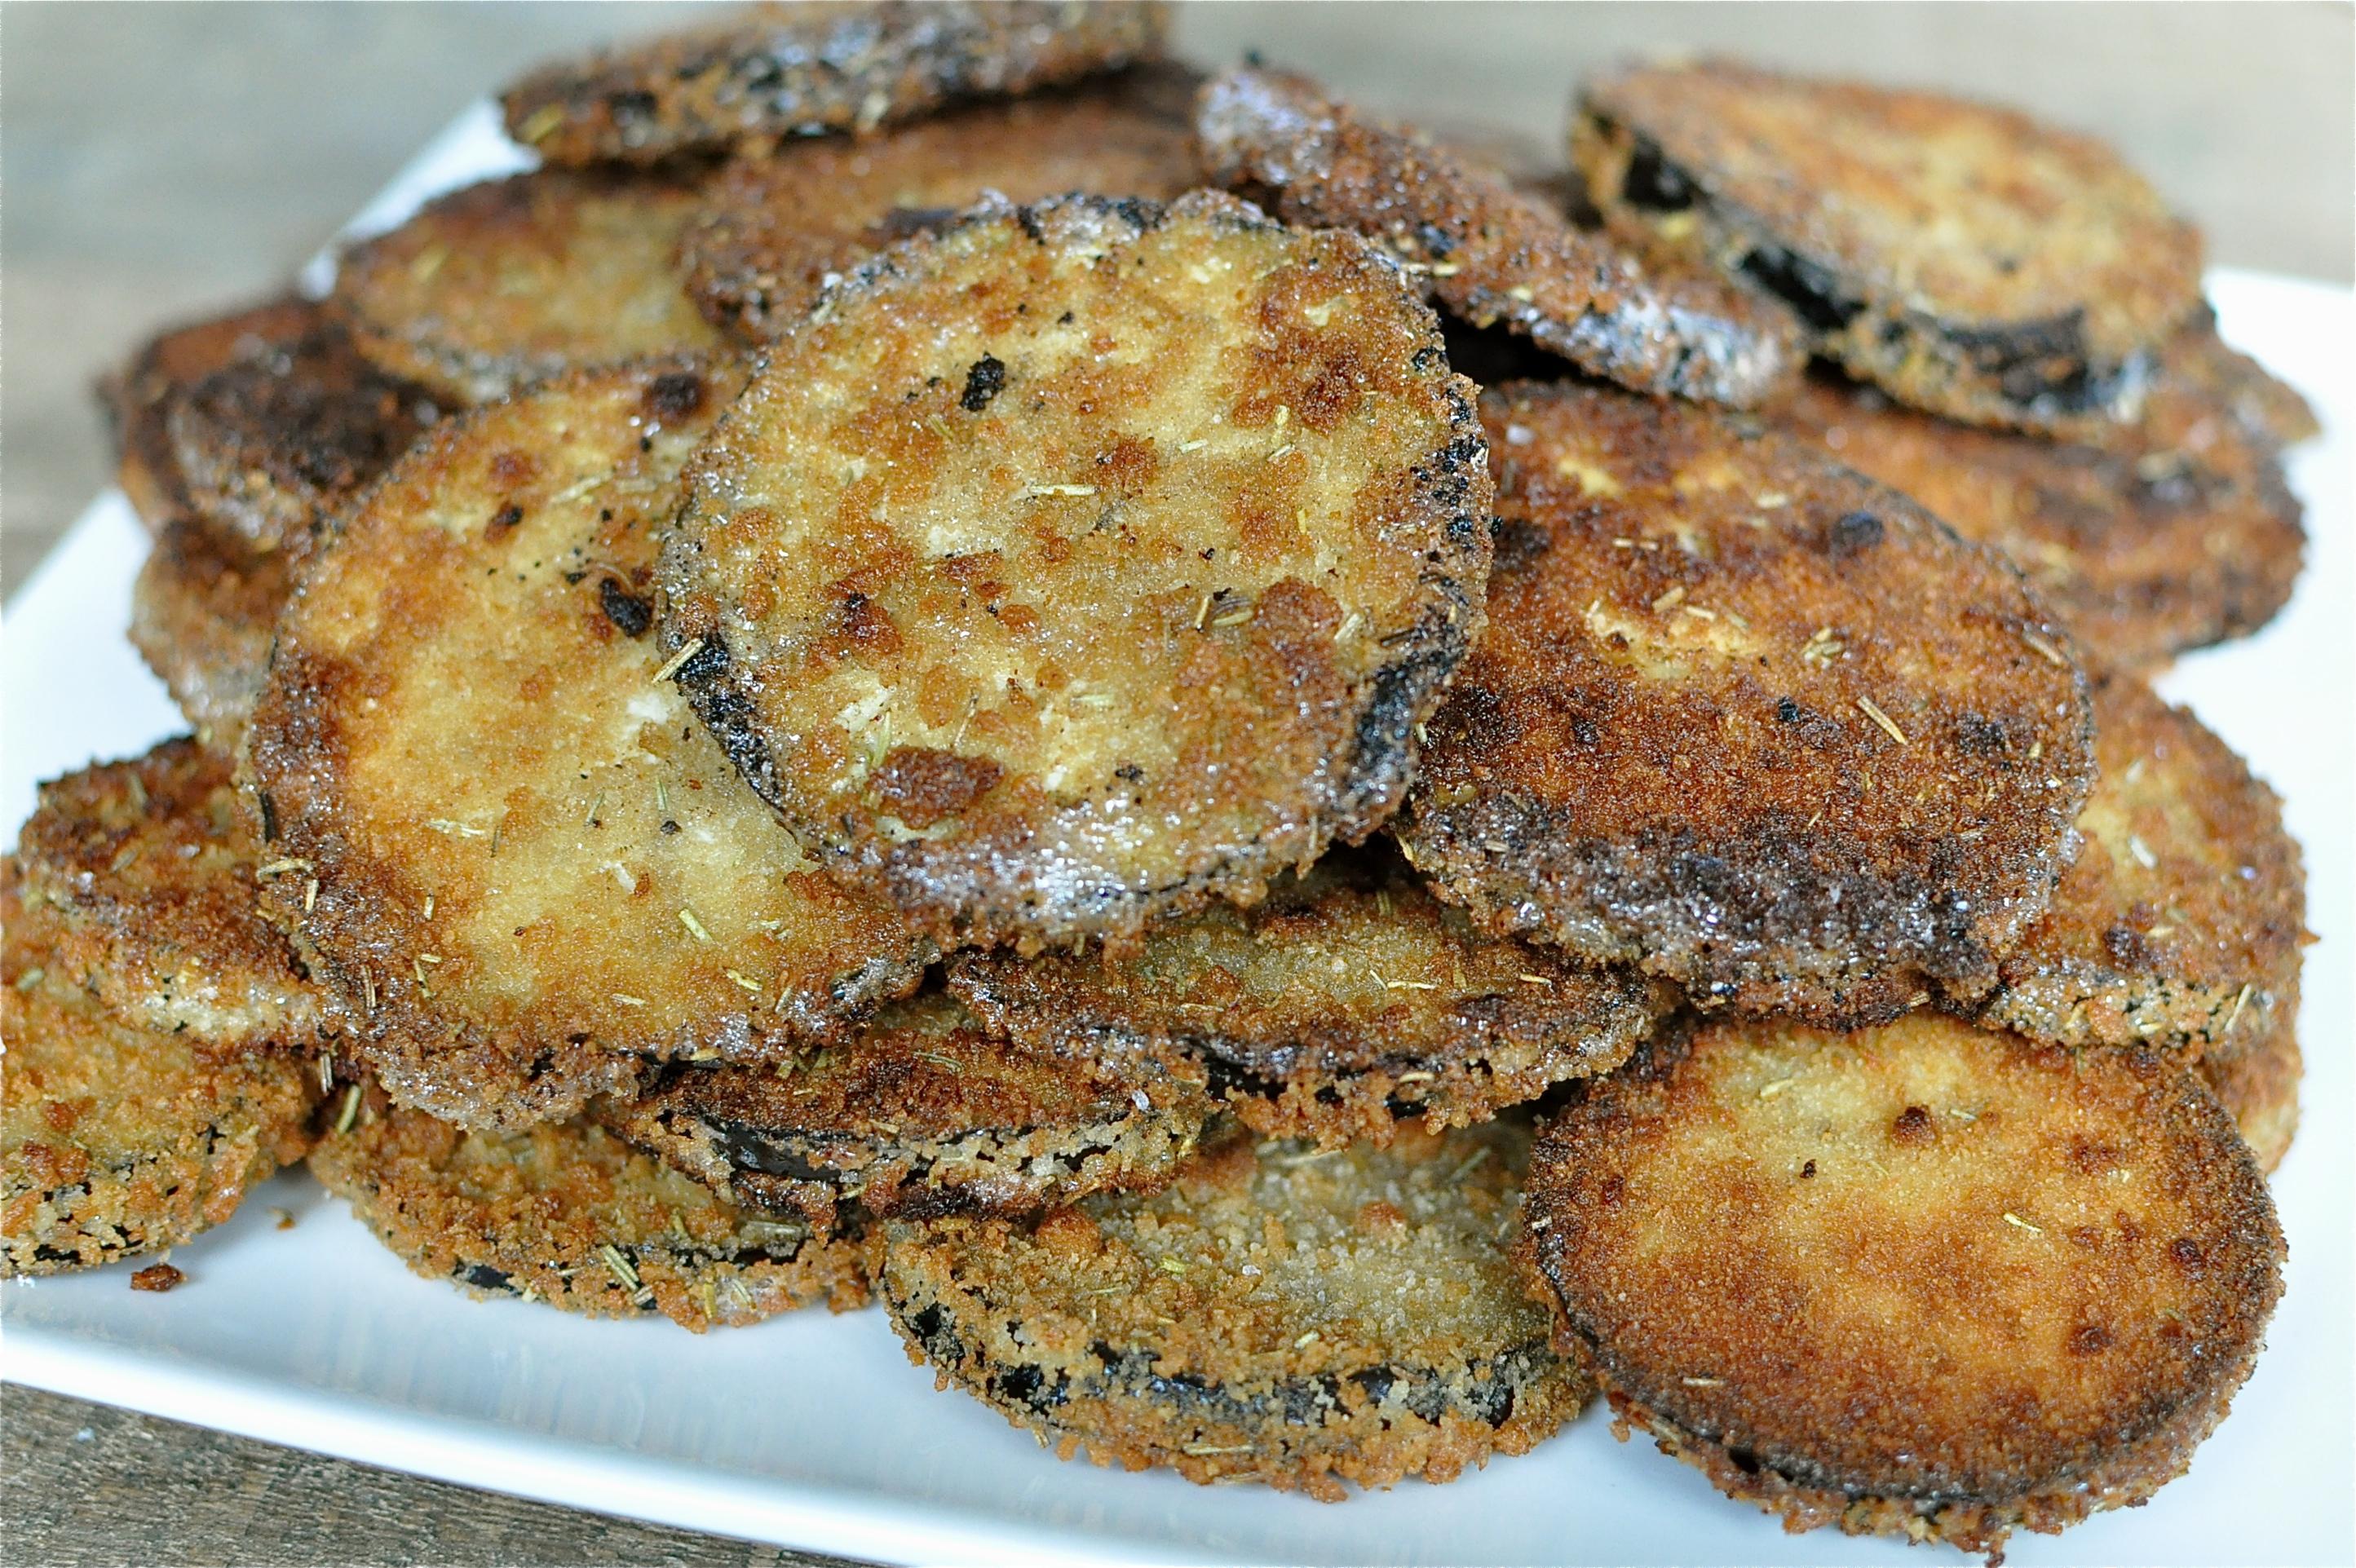 fried eggplant parmesan sandwich